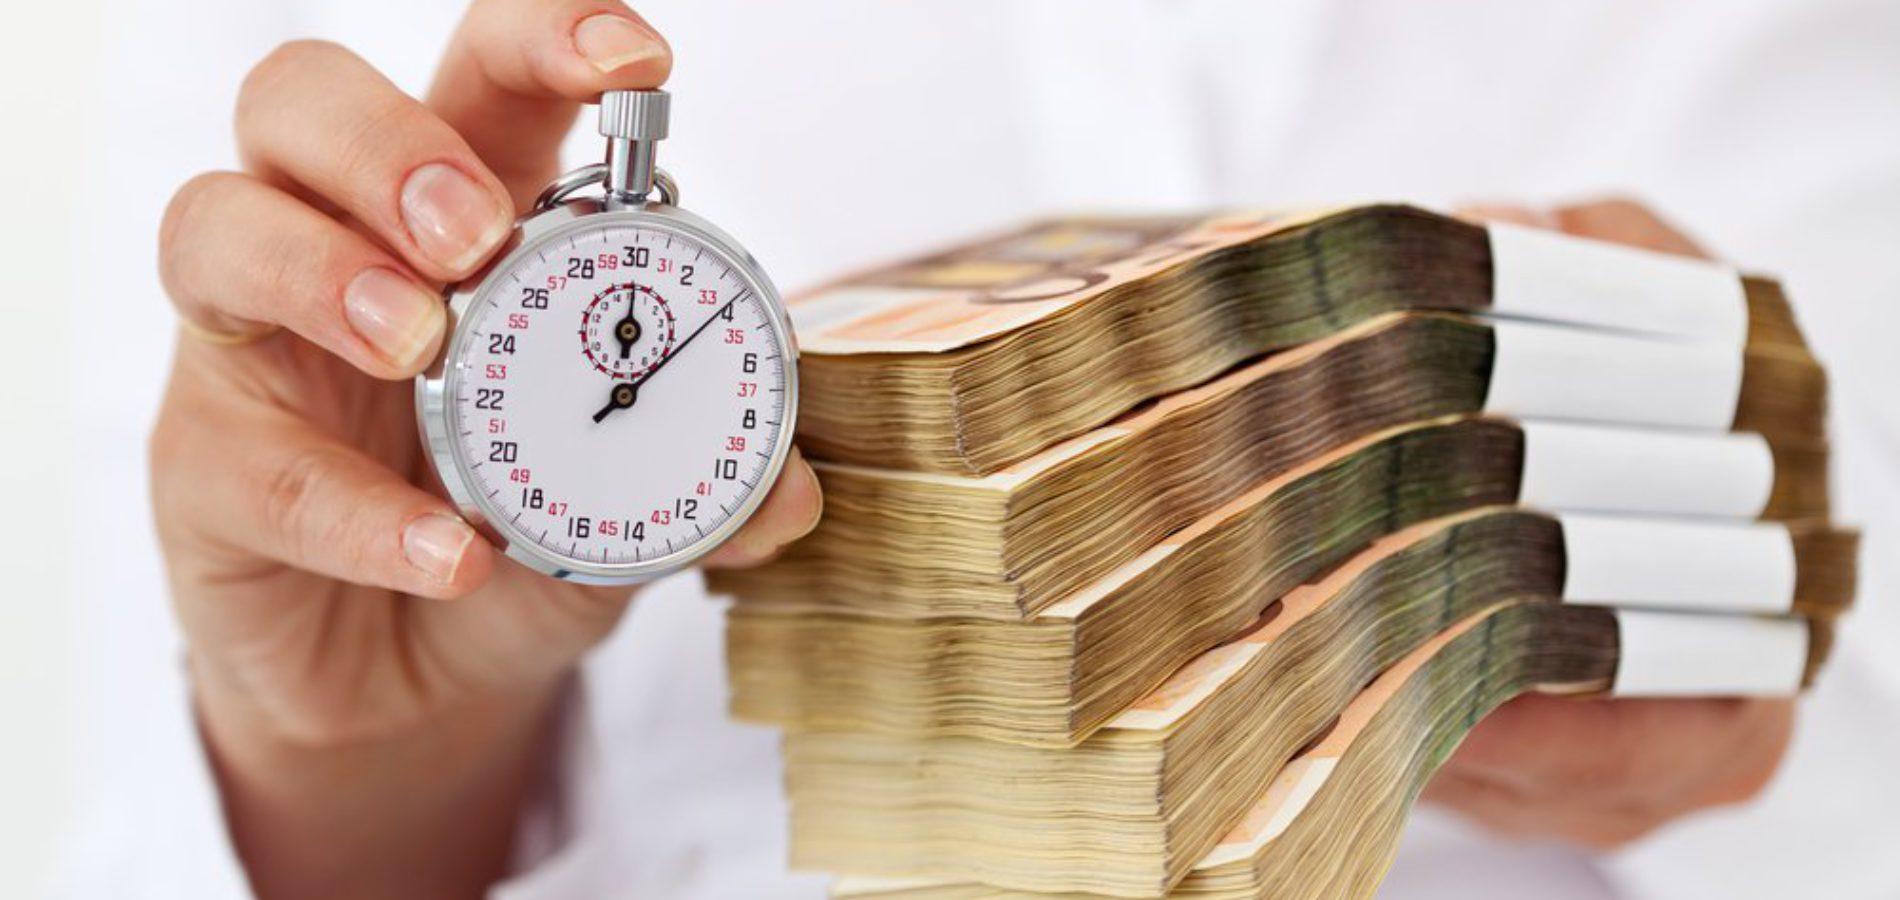 Кредитование. Нужно ли брать бизнес-кредит?